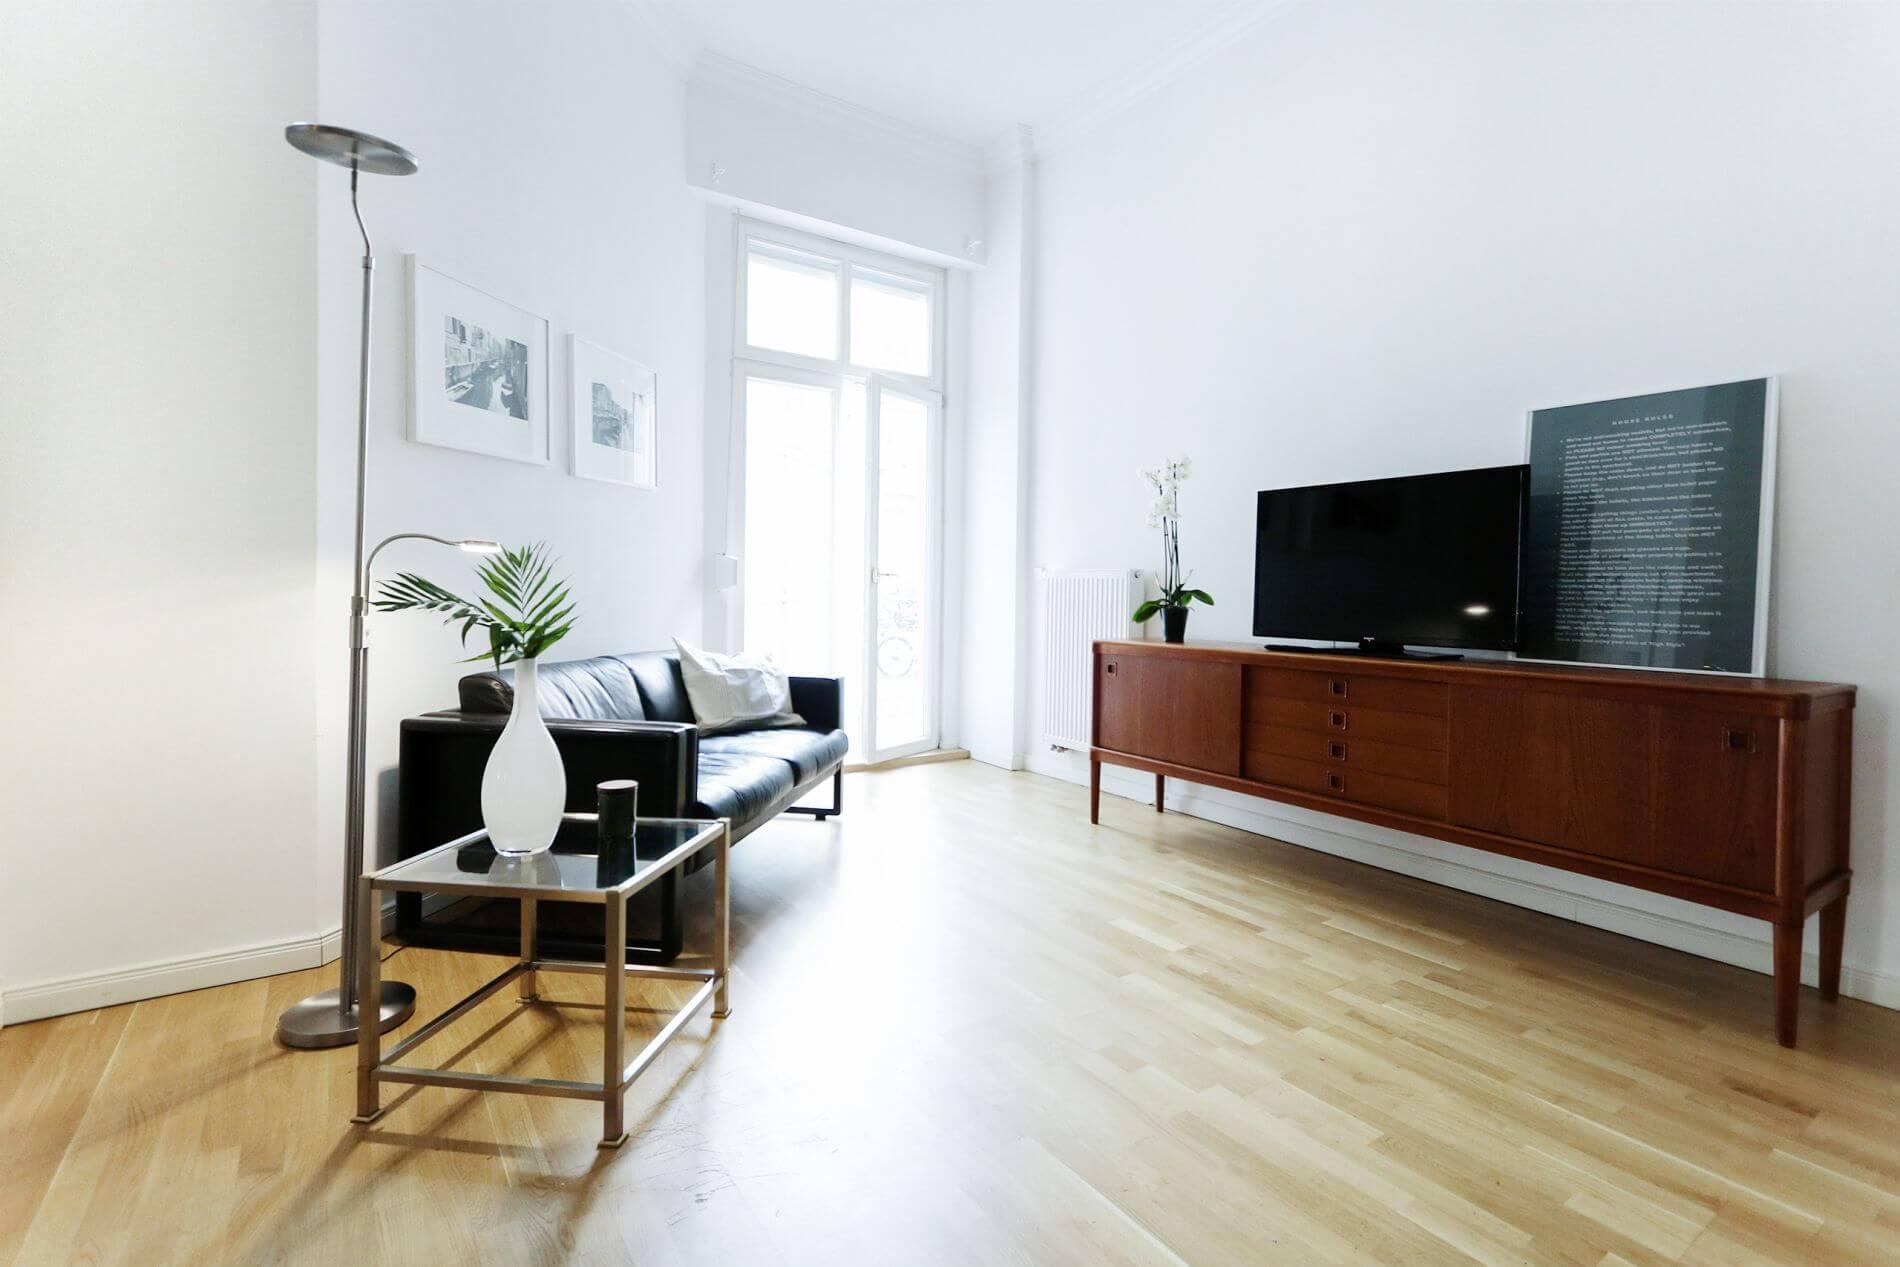 Furnished 2 bedroom apartment in Prenzlauer Berg, Berlin